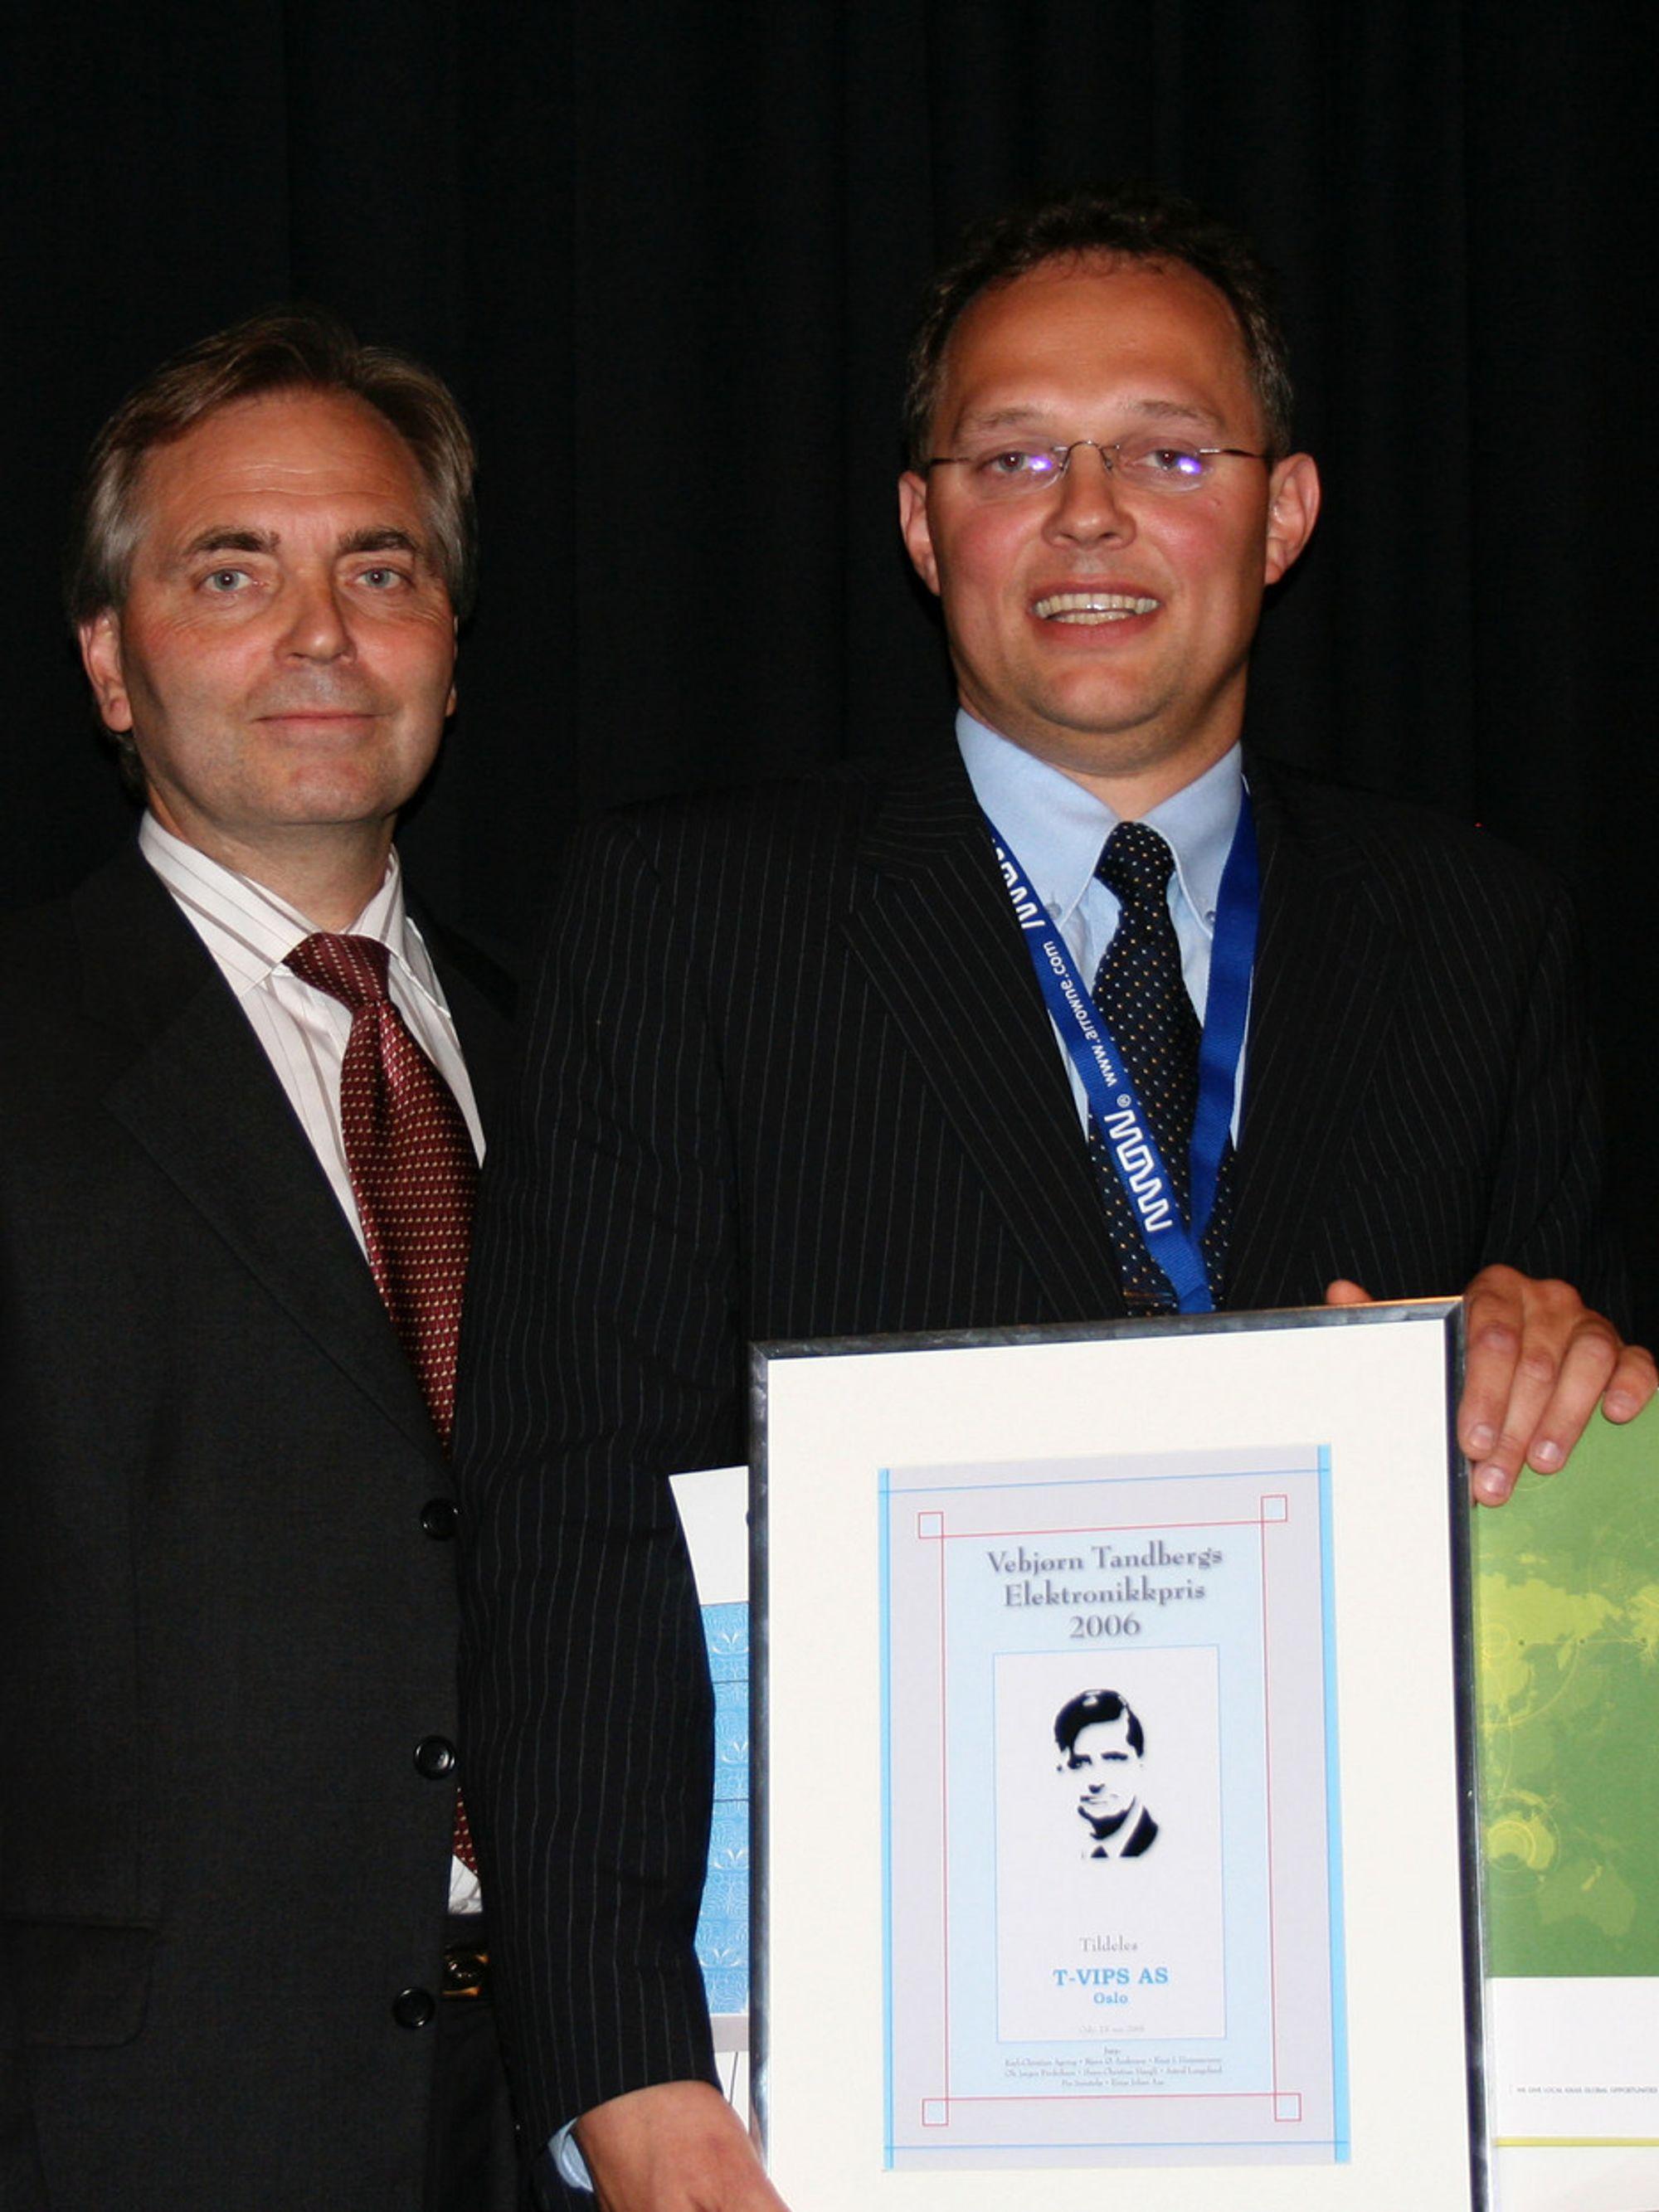 GLAD PRISVINNER: Administrerende direktør Johnny Dolvik i T-Vips AS (t.h.) fikk Vebjørn Tandbergs Elektronikkpris overrakt av Bengt Thuresson, Tandberg Televisjon.